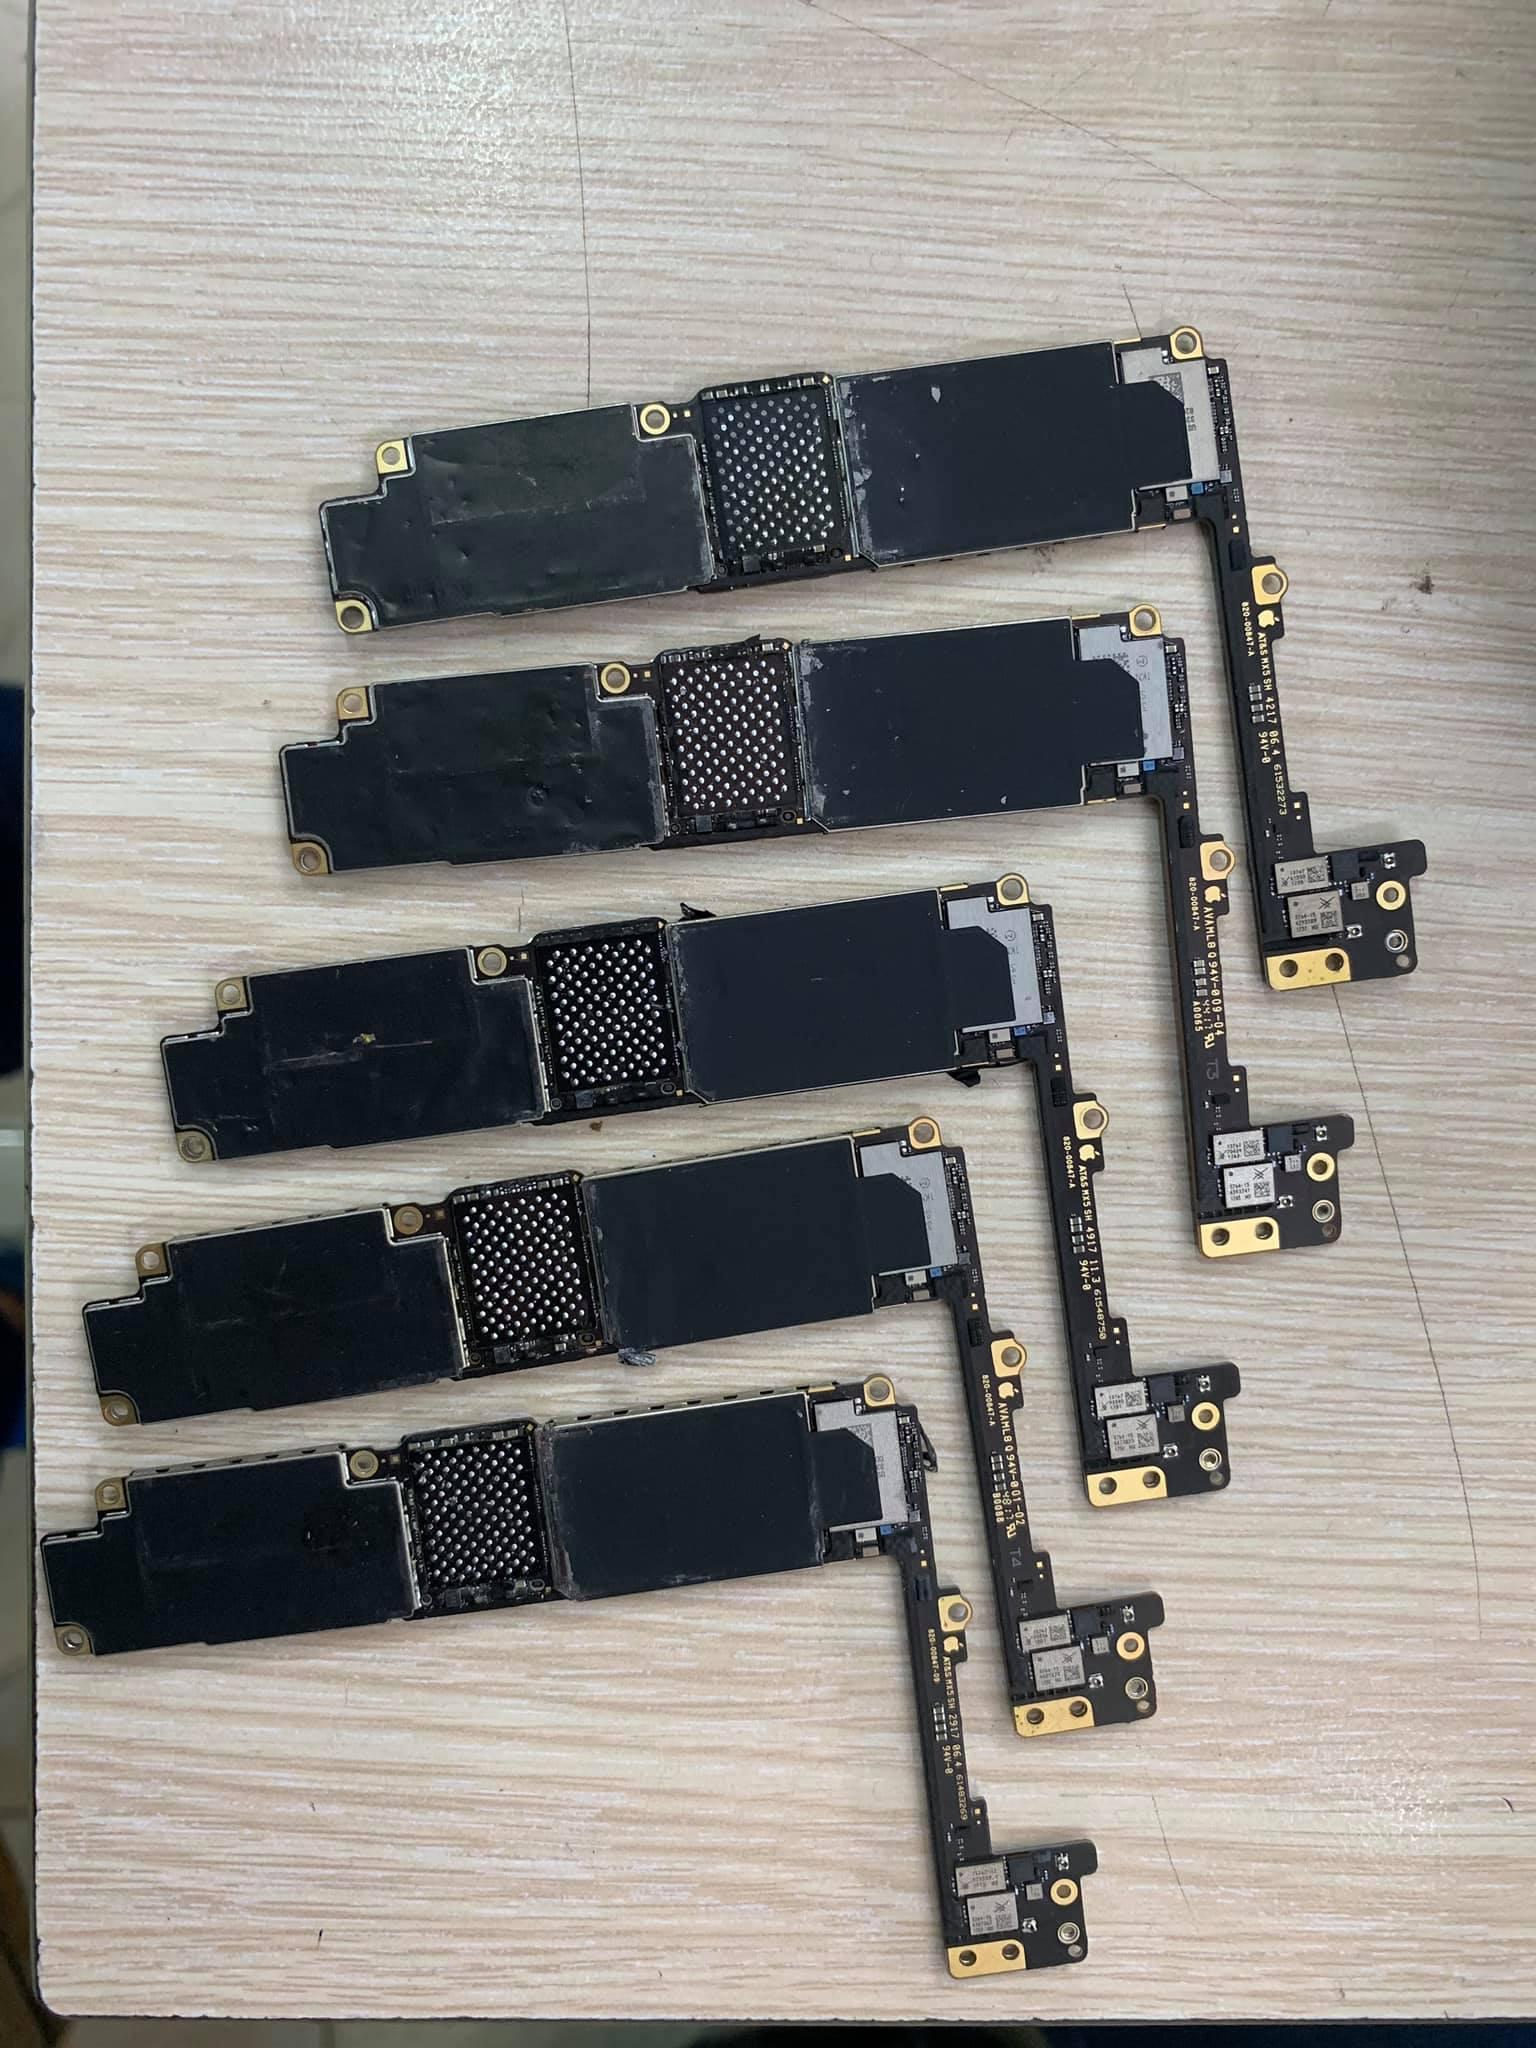 main xác iphone 8plus dành cho thợ sửa chữa lấy ic sửa máy khác